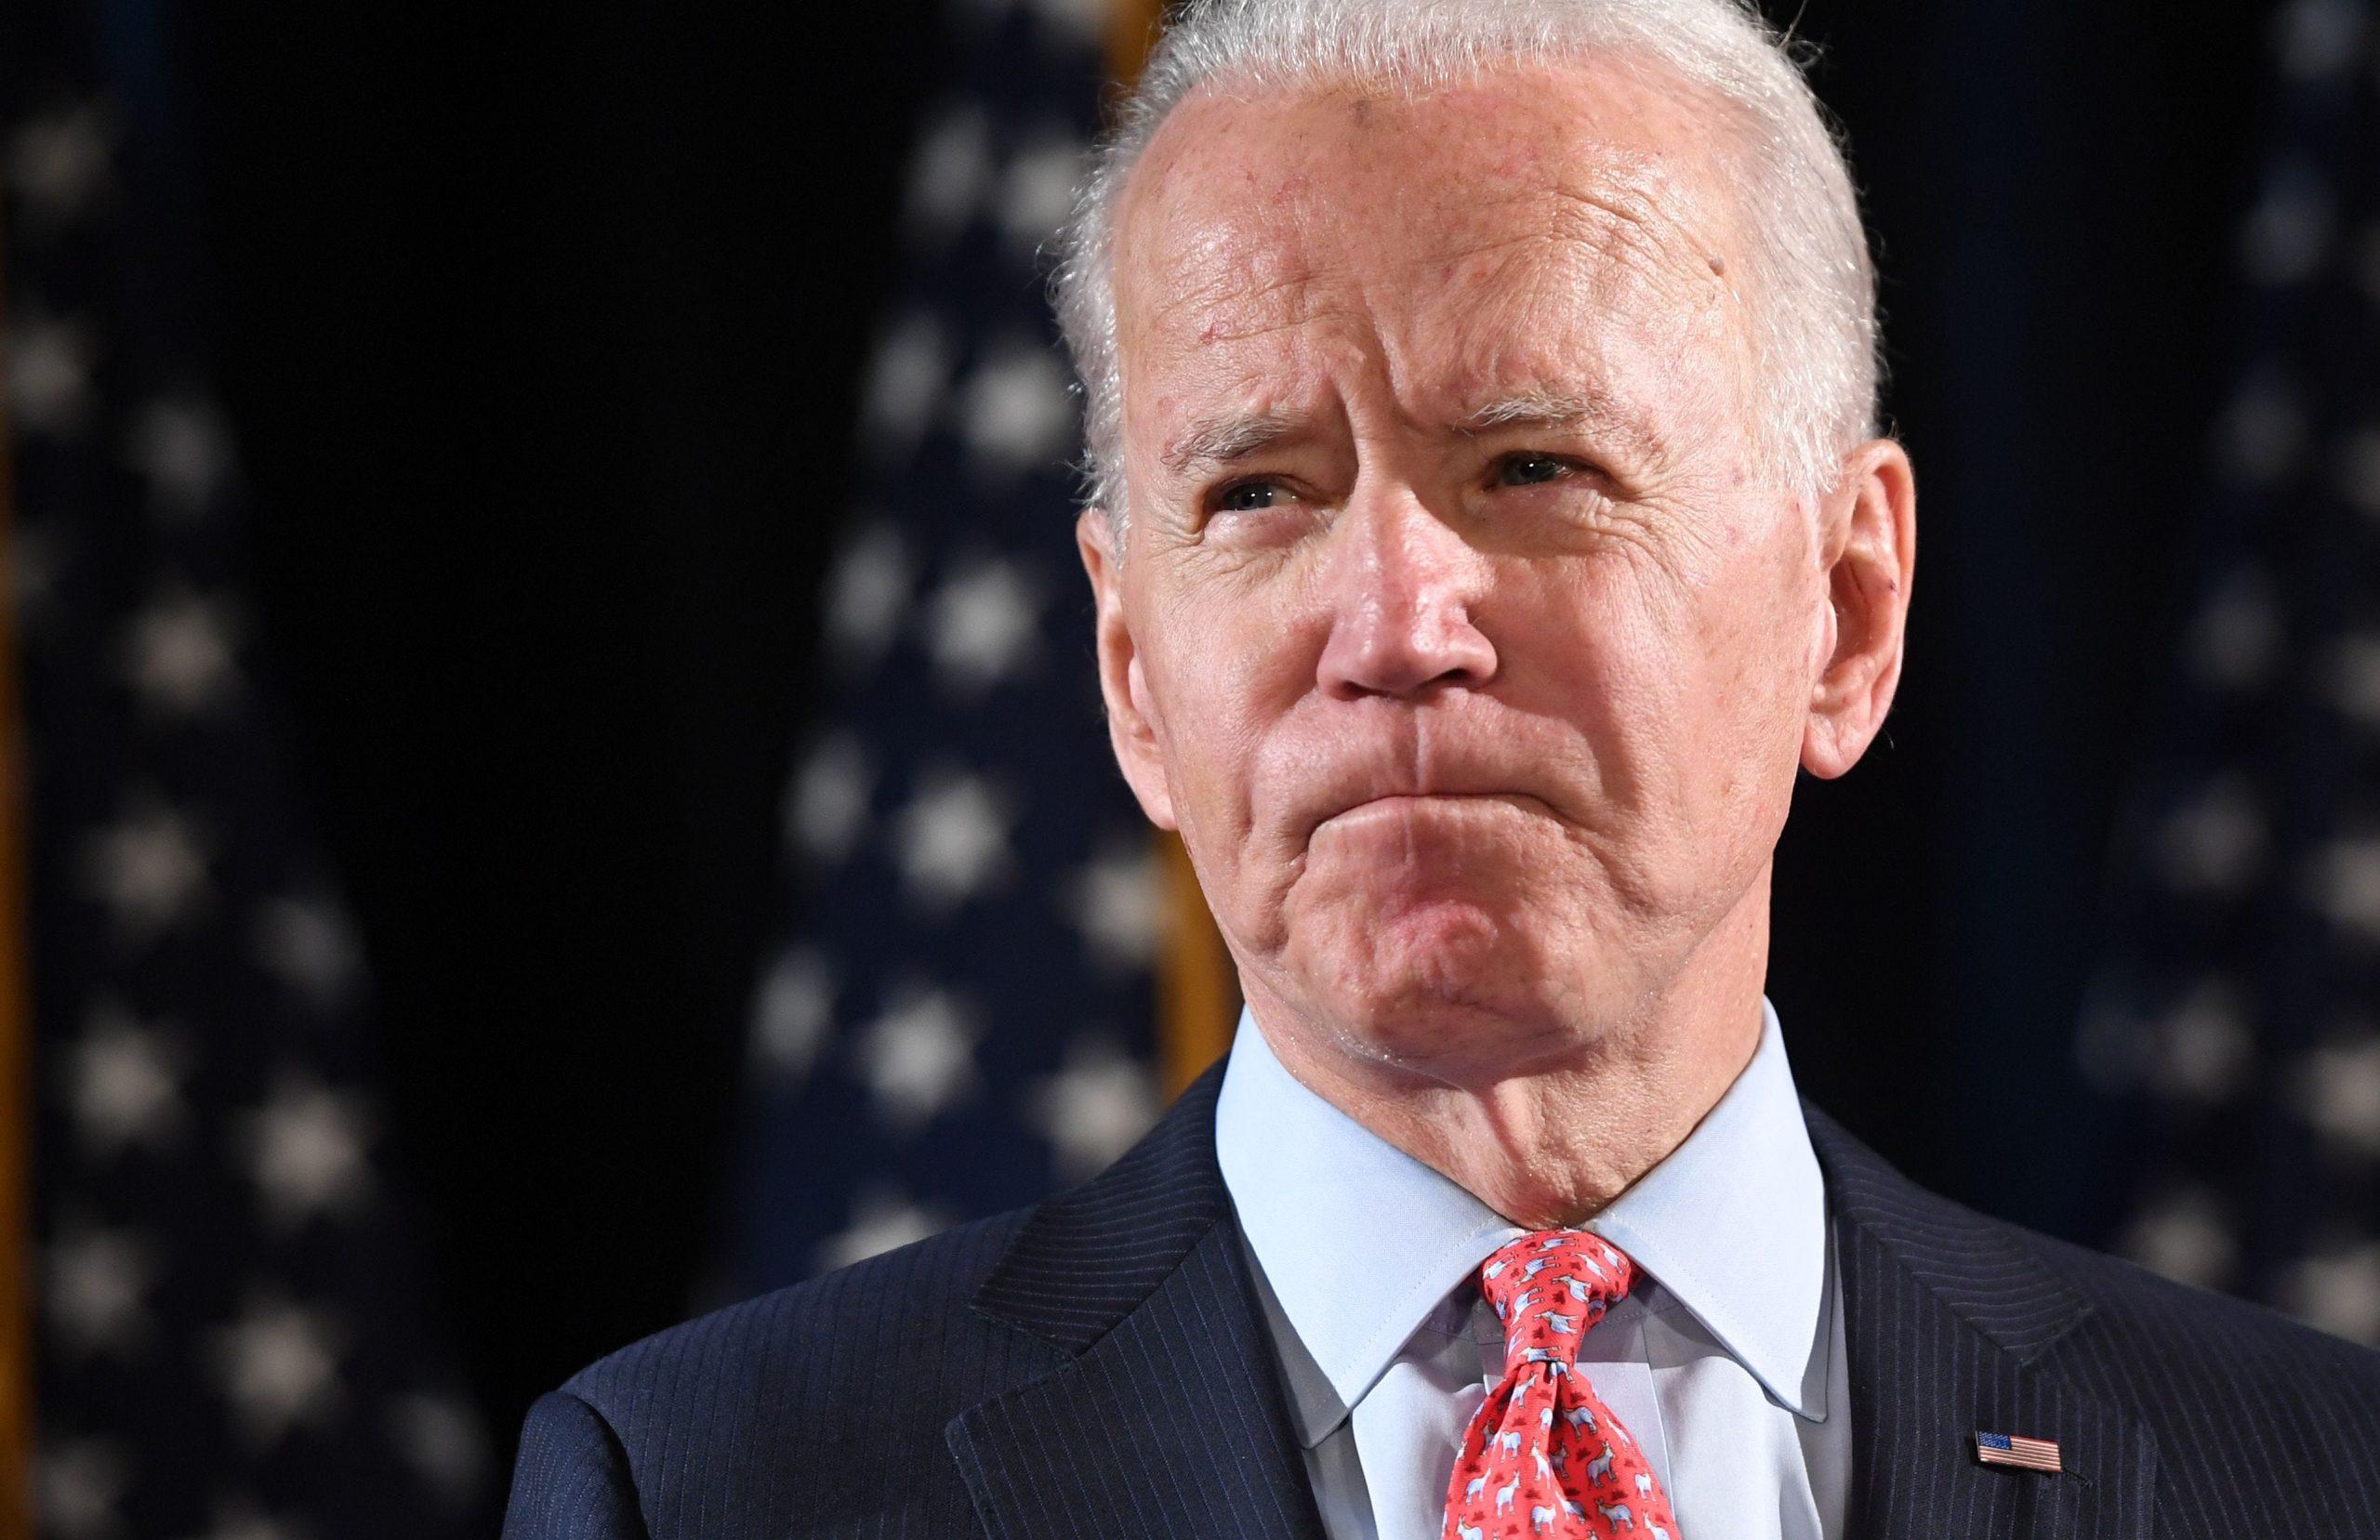 This has never happened. 'Joe Biden Denies Sexual Assault